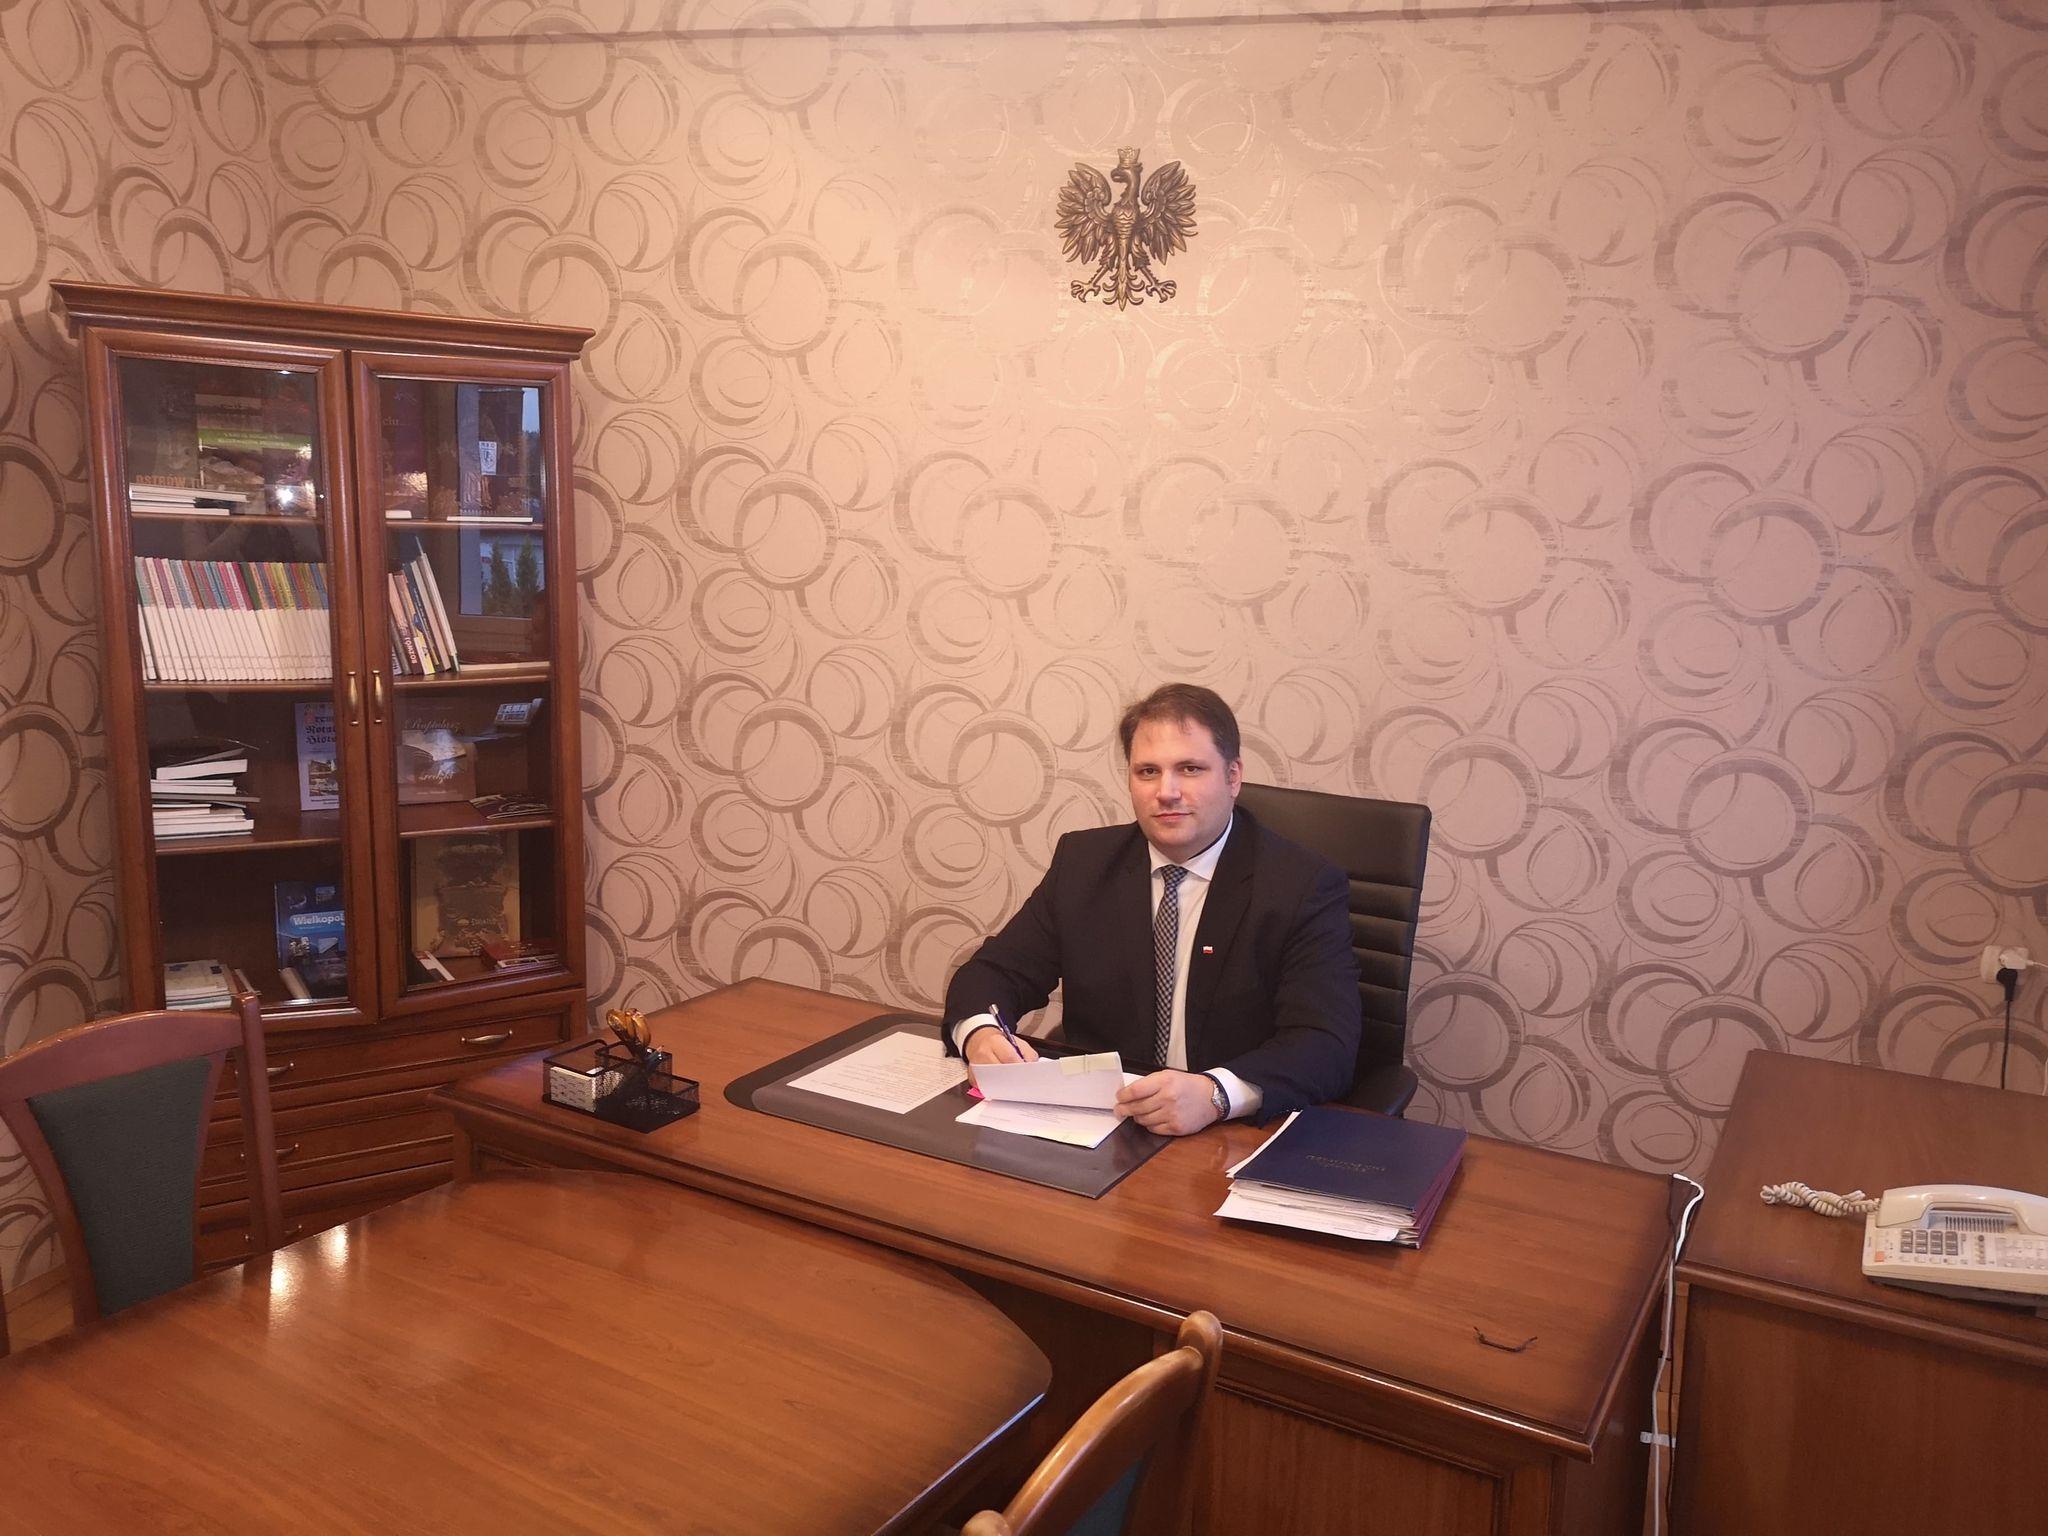 Jan Sulanowski Zaniemyśl - Urząd Gminy w Zaniemyślu